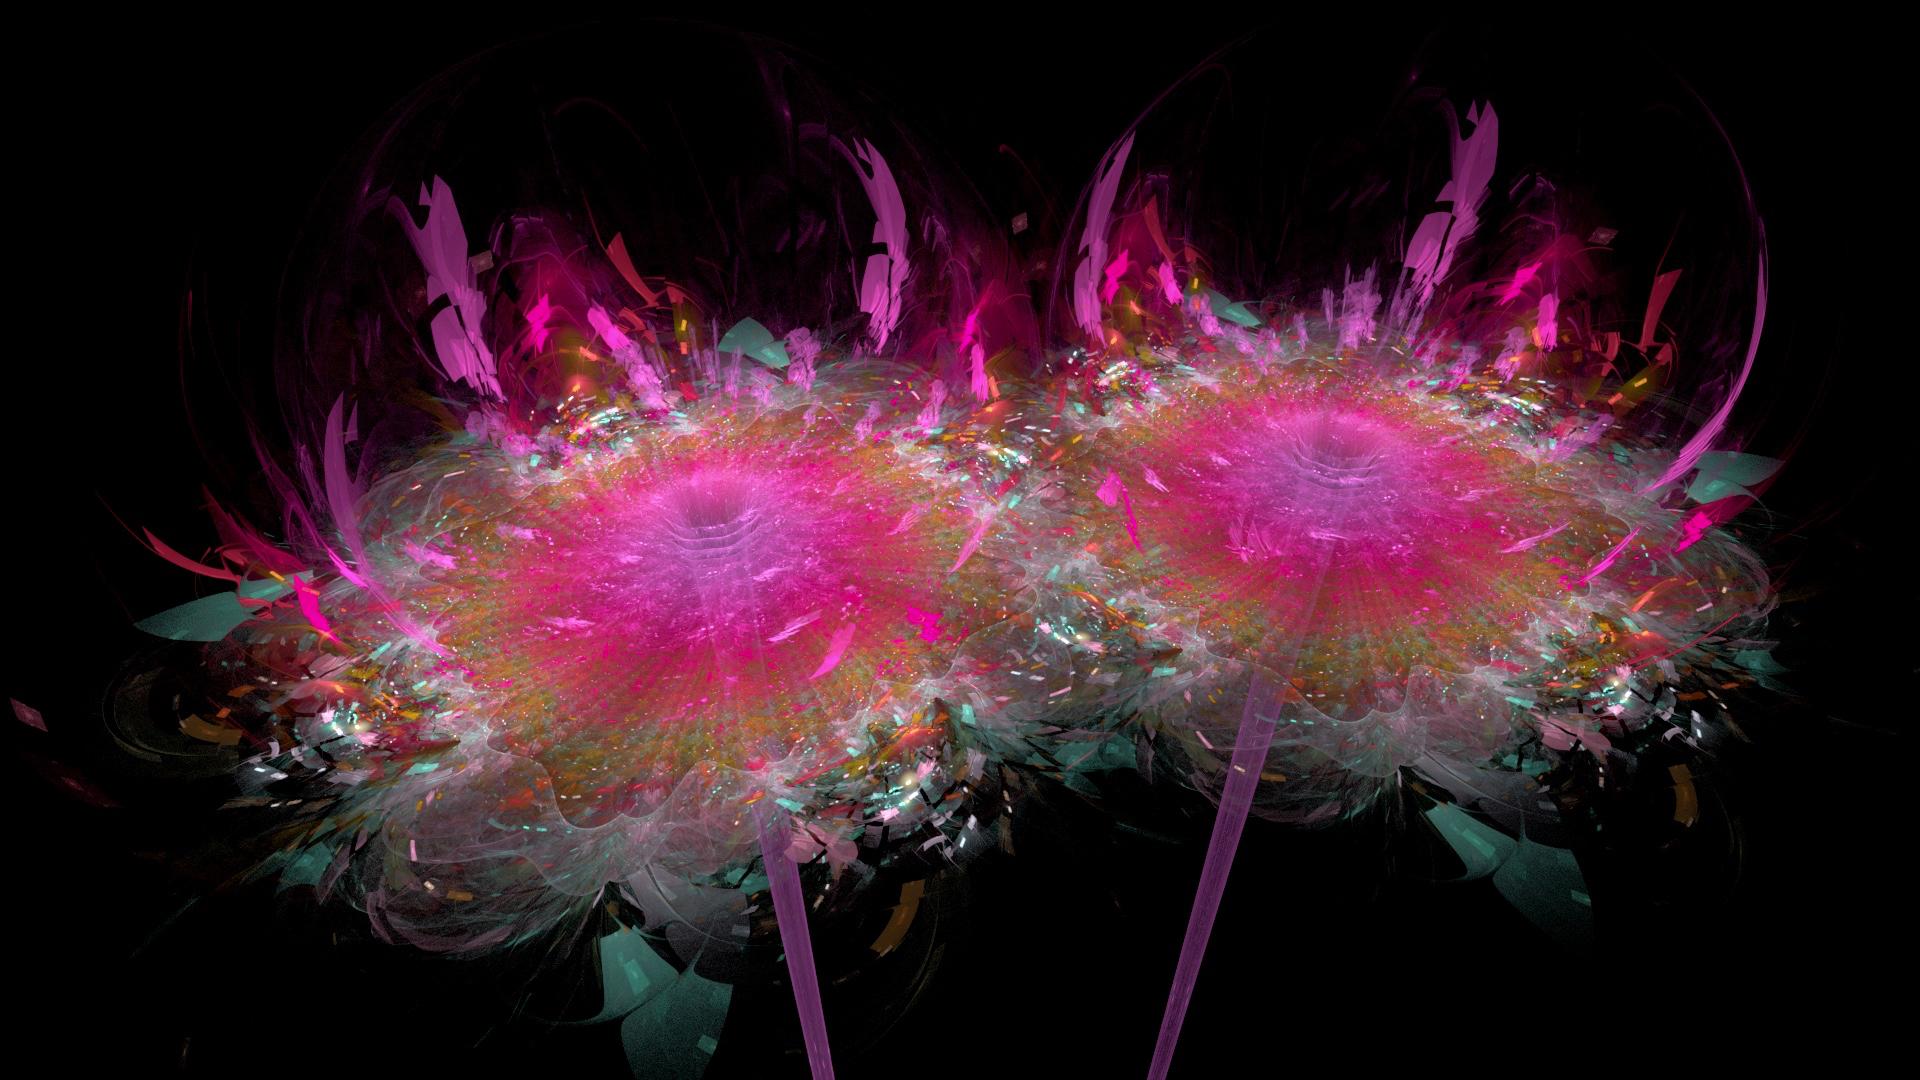 Floral variation by KateHodges